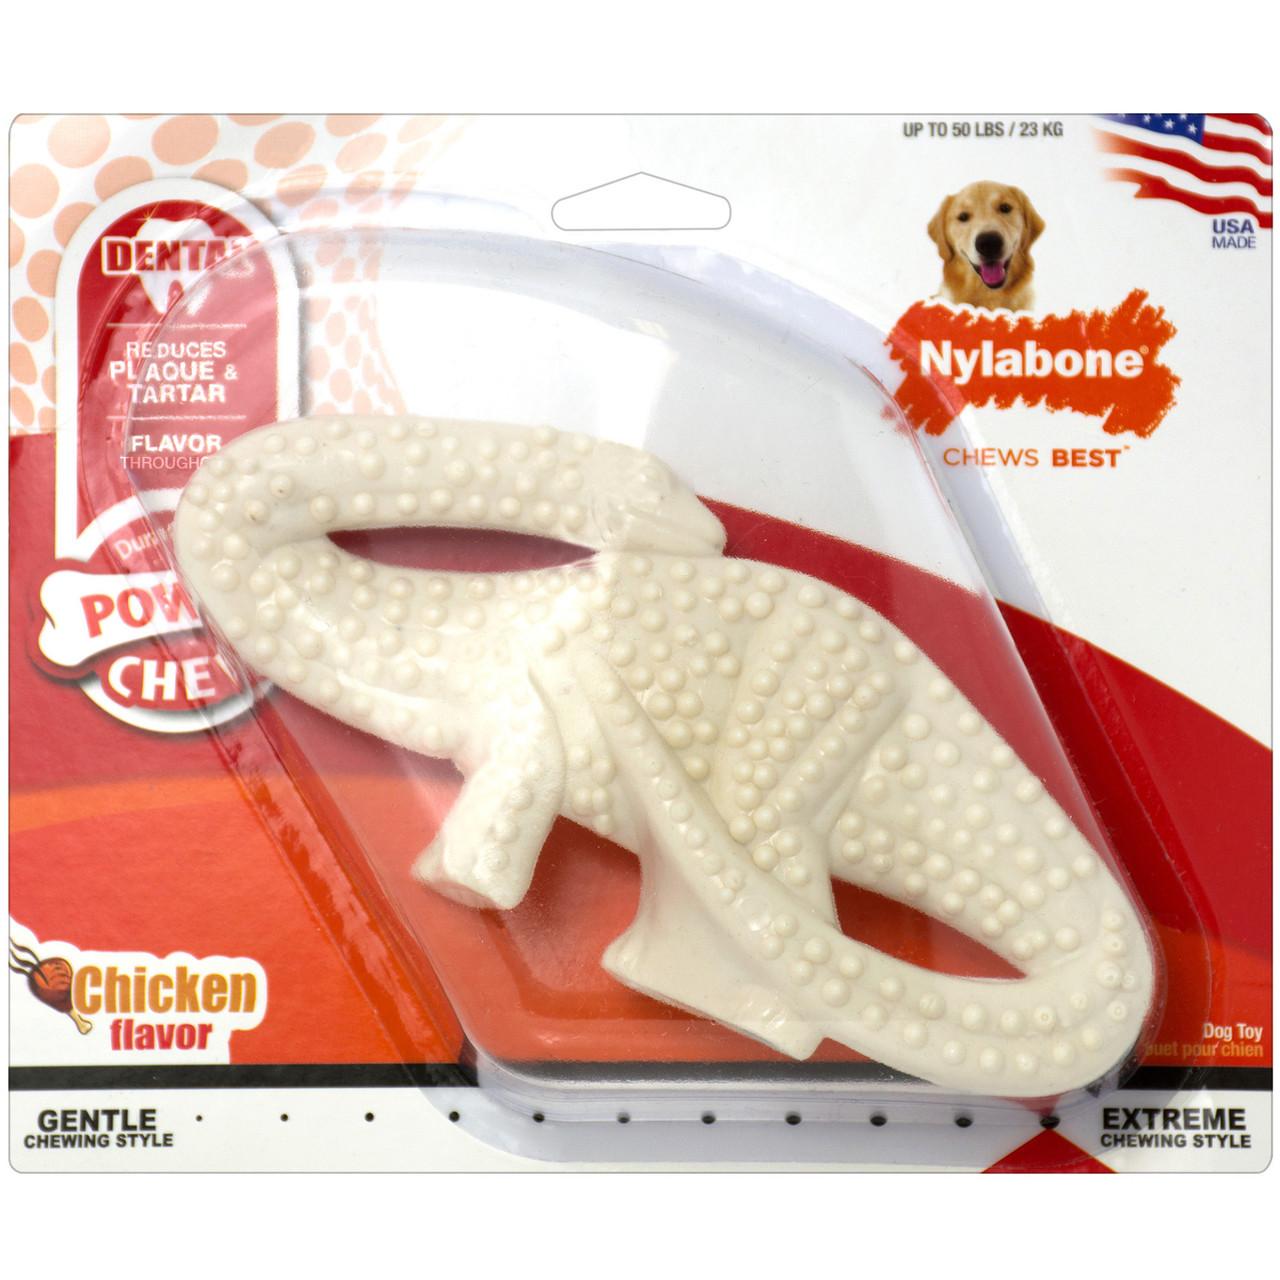 Nylabone Power Chew Dental Dinosaur Dog Toy